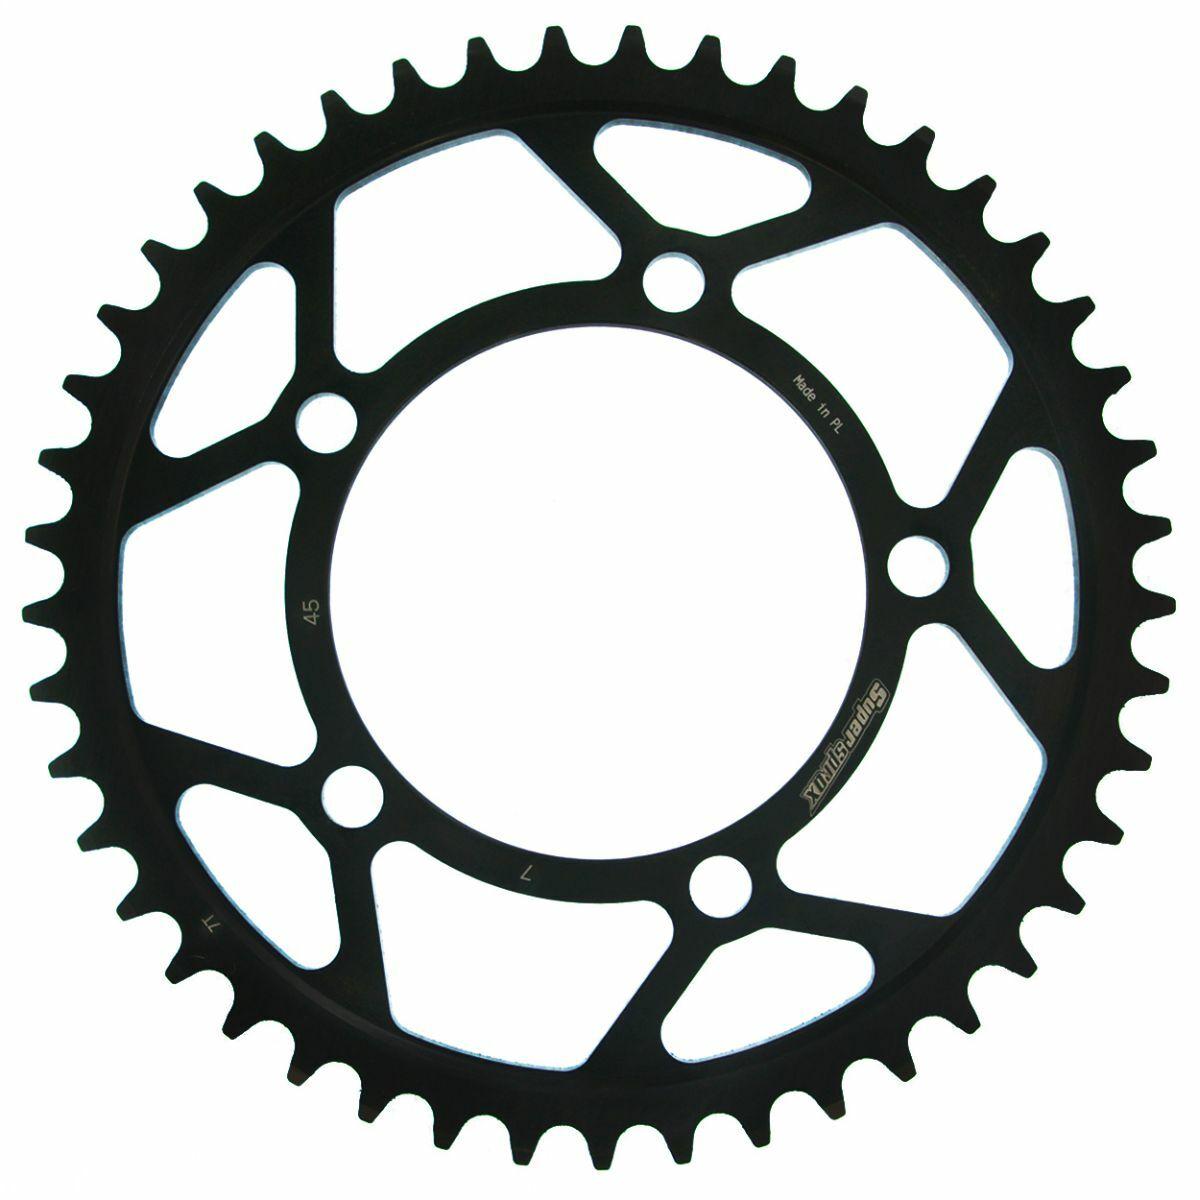 Obrázek produktu Řetězová rozeta SUPERSPROX černý 45 zubů, 525